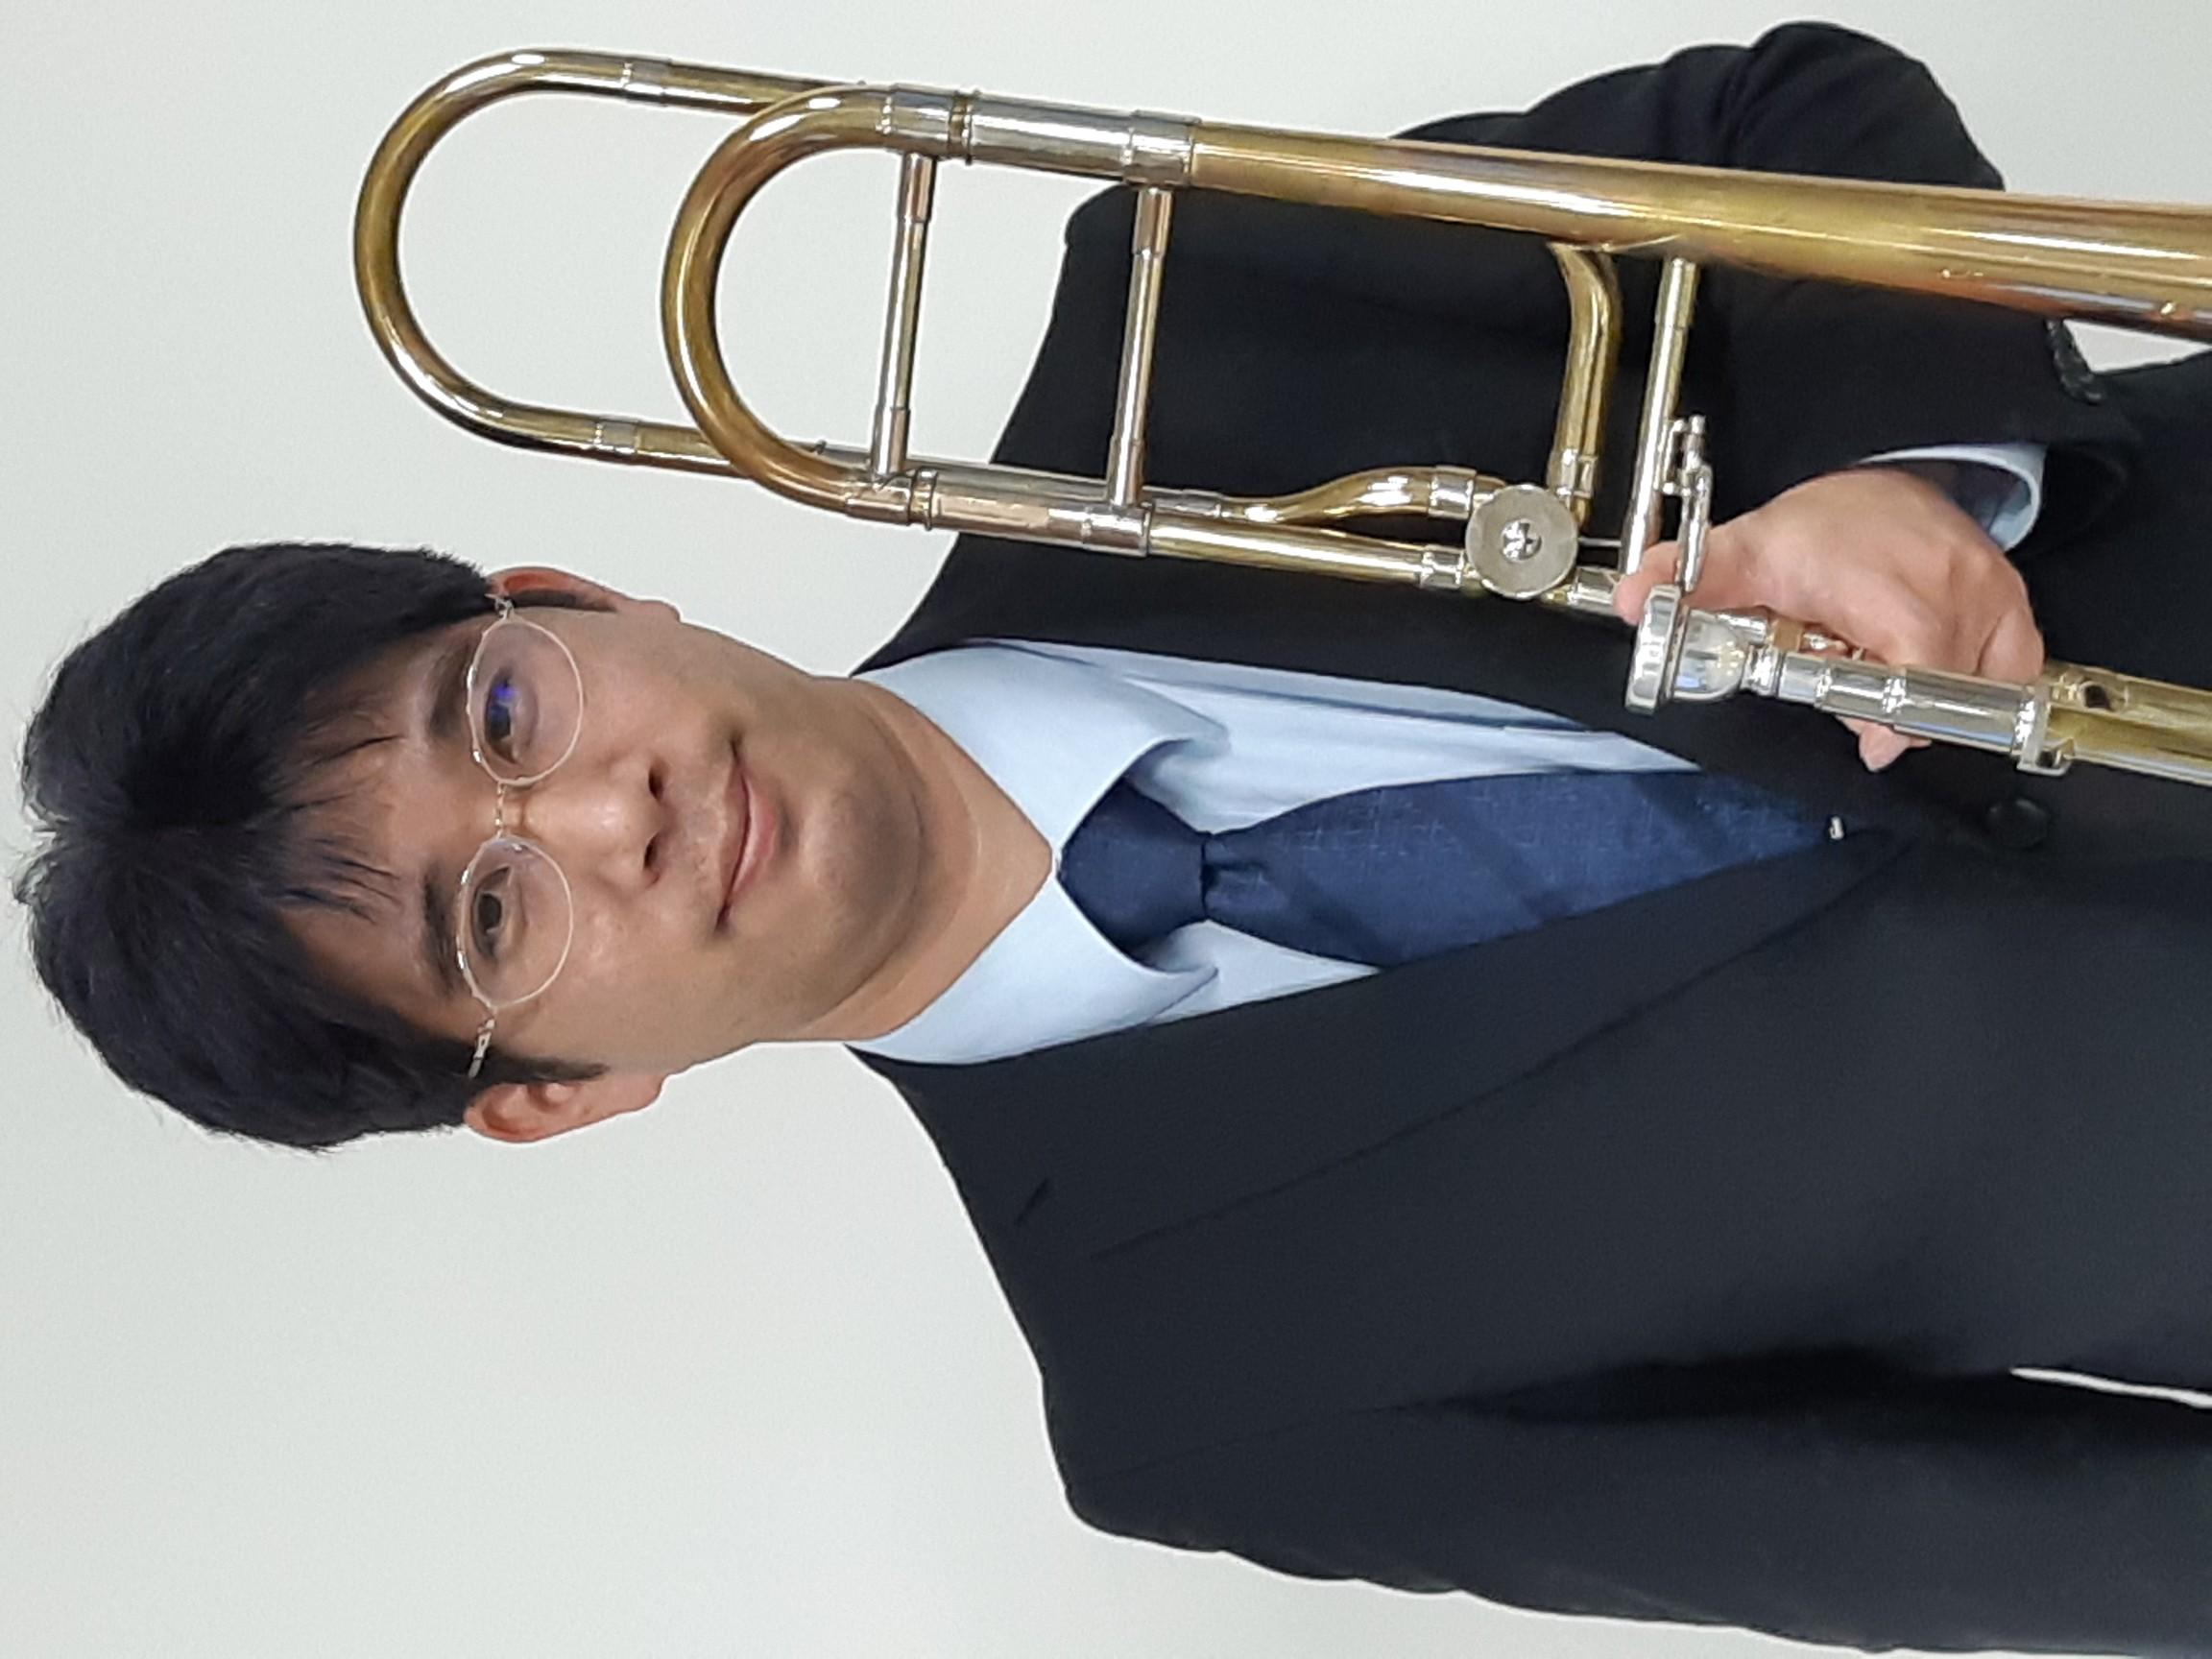 【吹奏楽部中学生向け】トロンボーン・梅津博充先生によるワークショップ